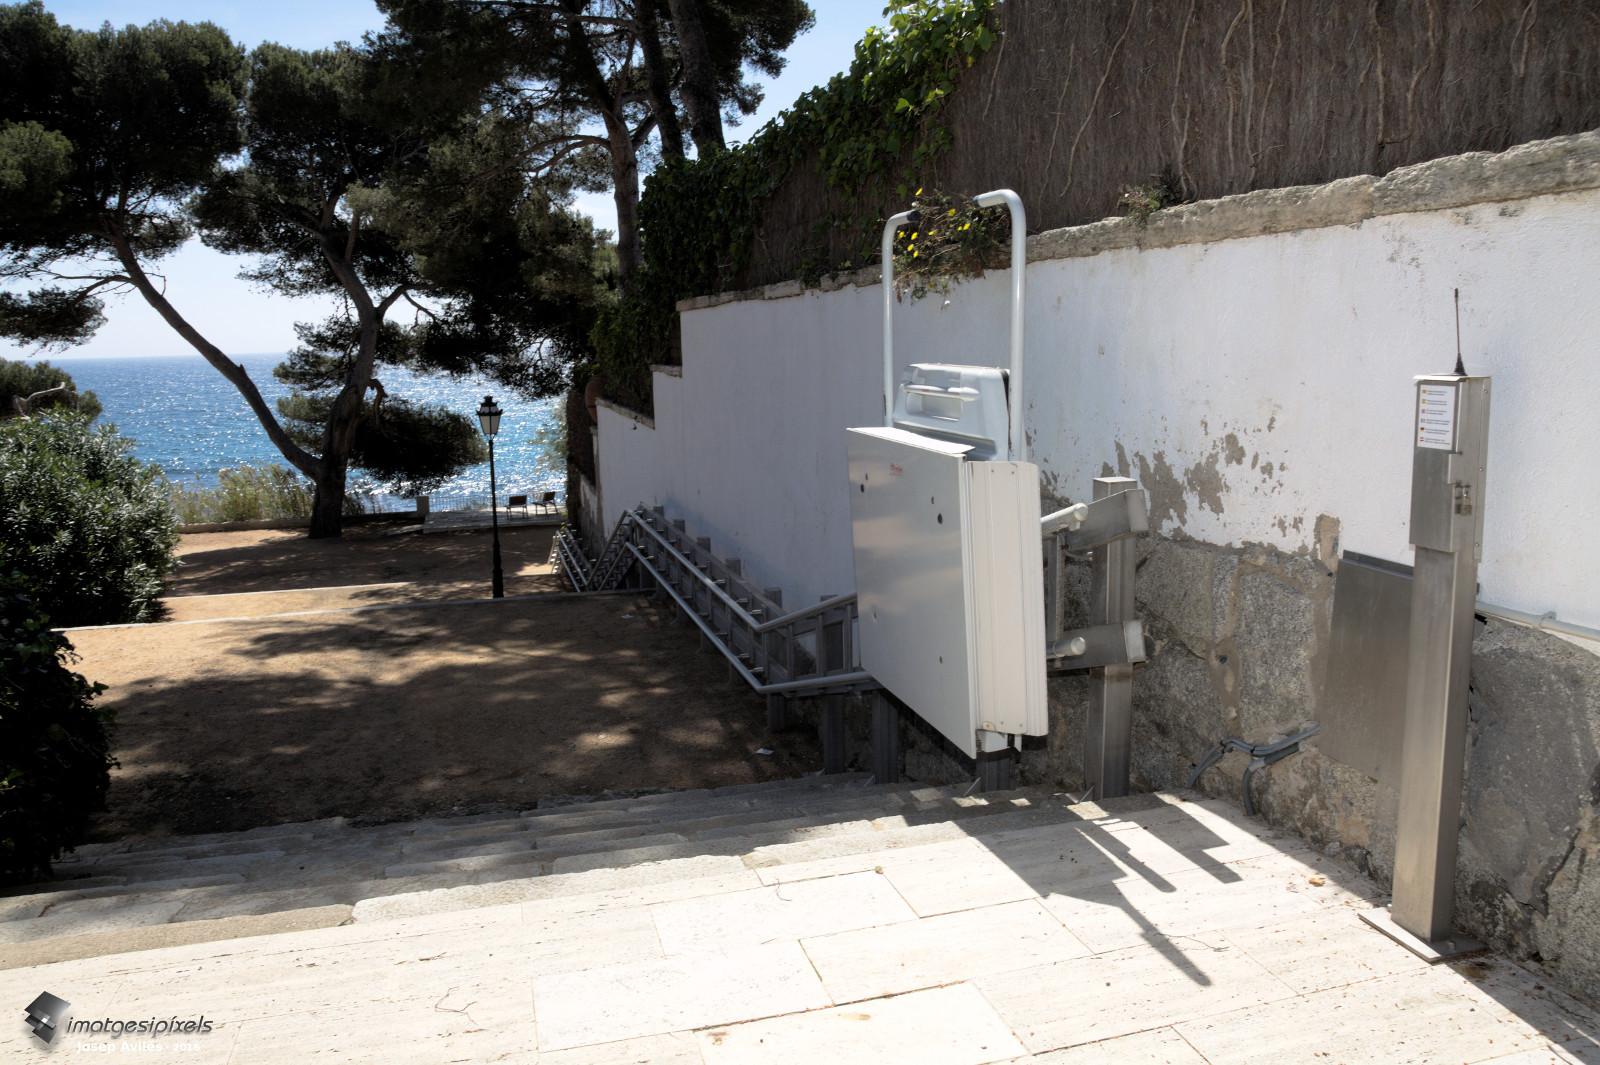 Plataforma mòbil que mena al camí de ronda de S'Agaró